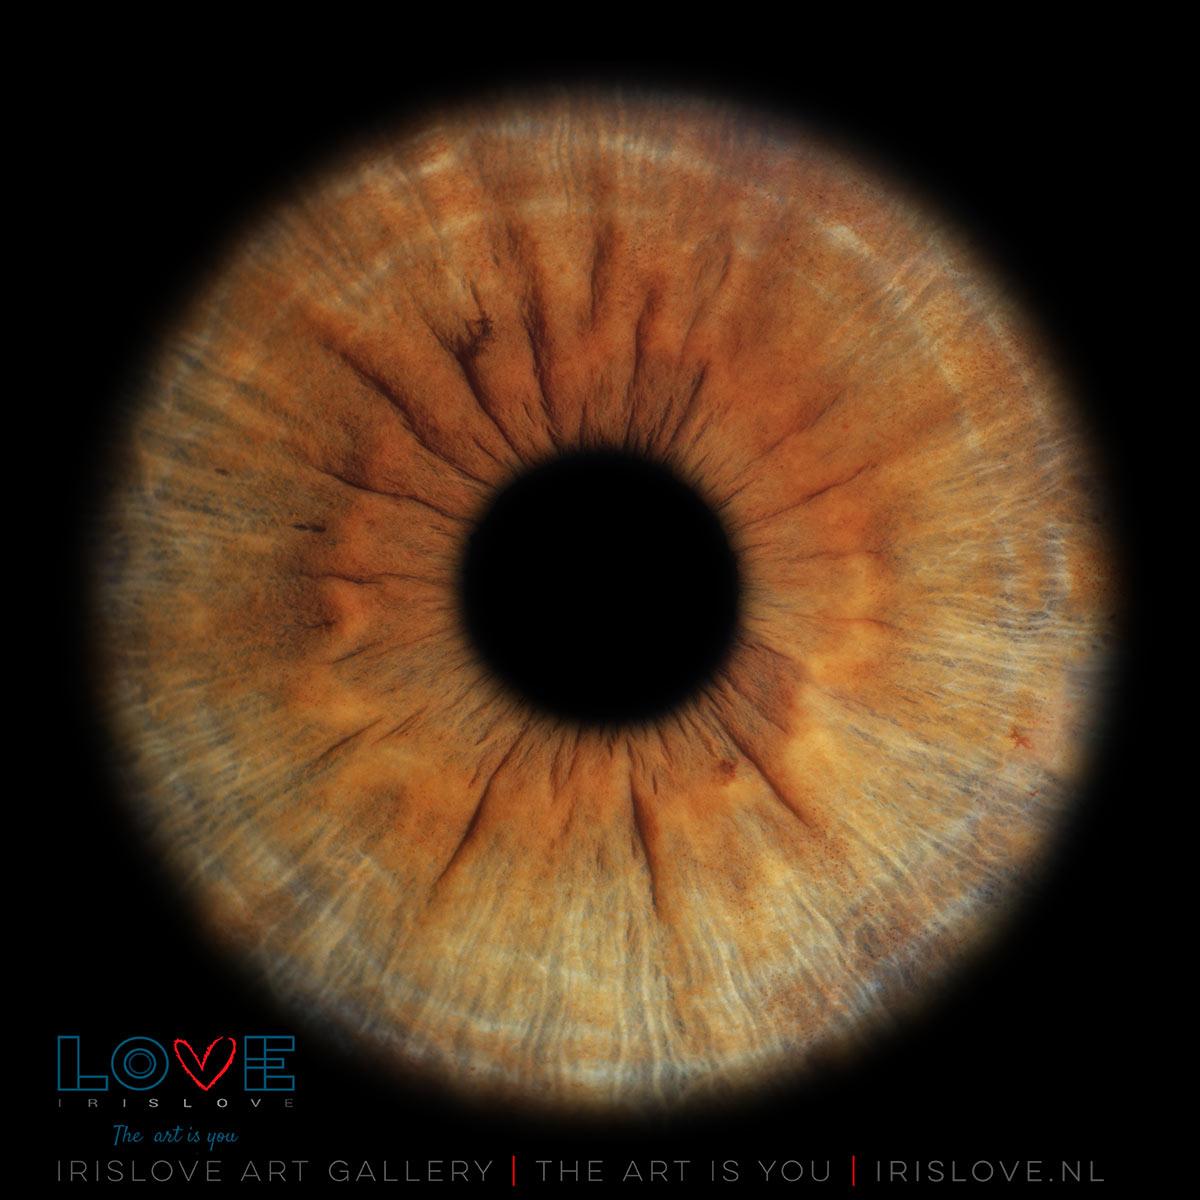 bruine ogen mooi uit laten komen